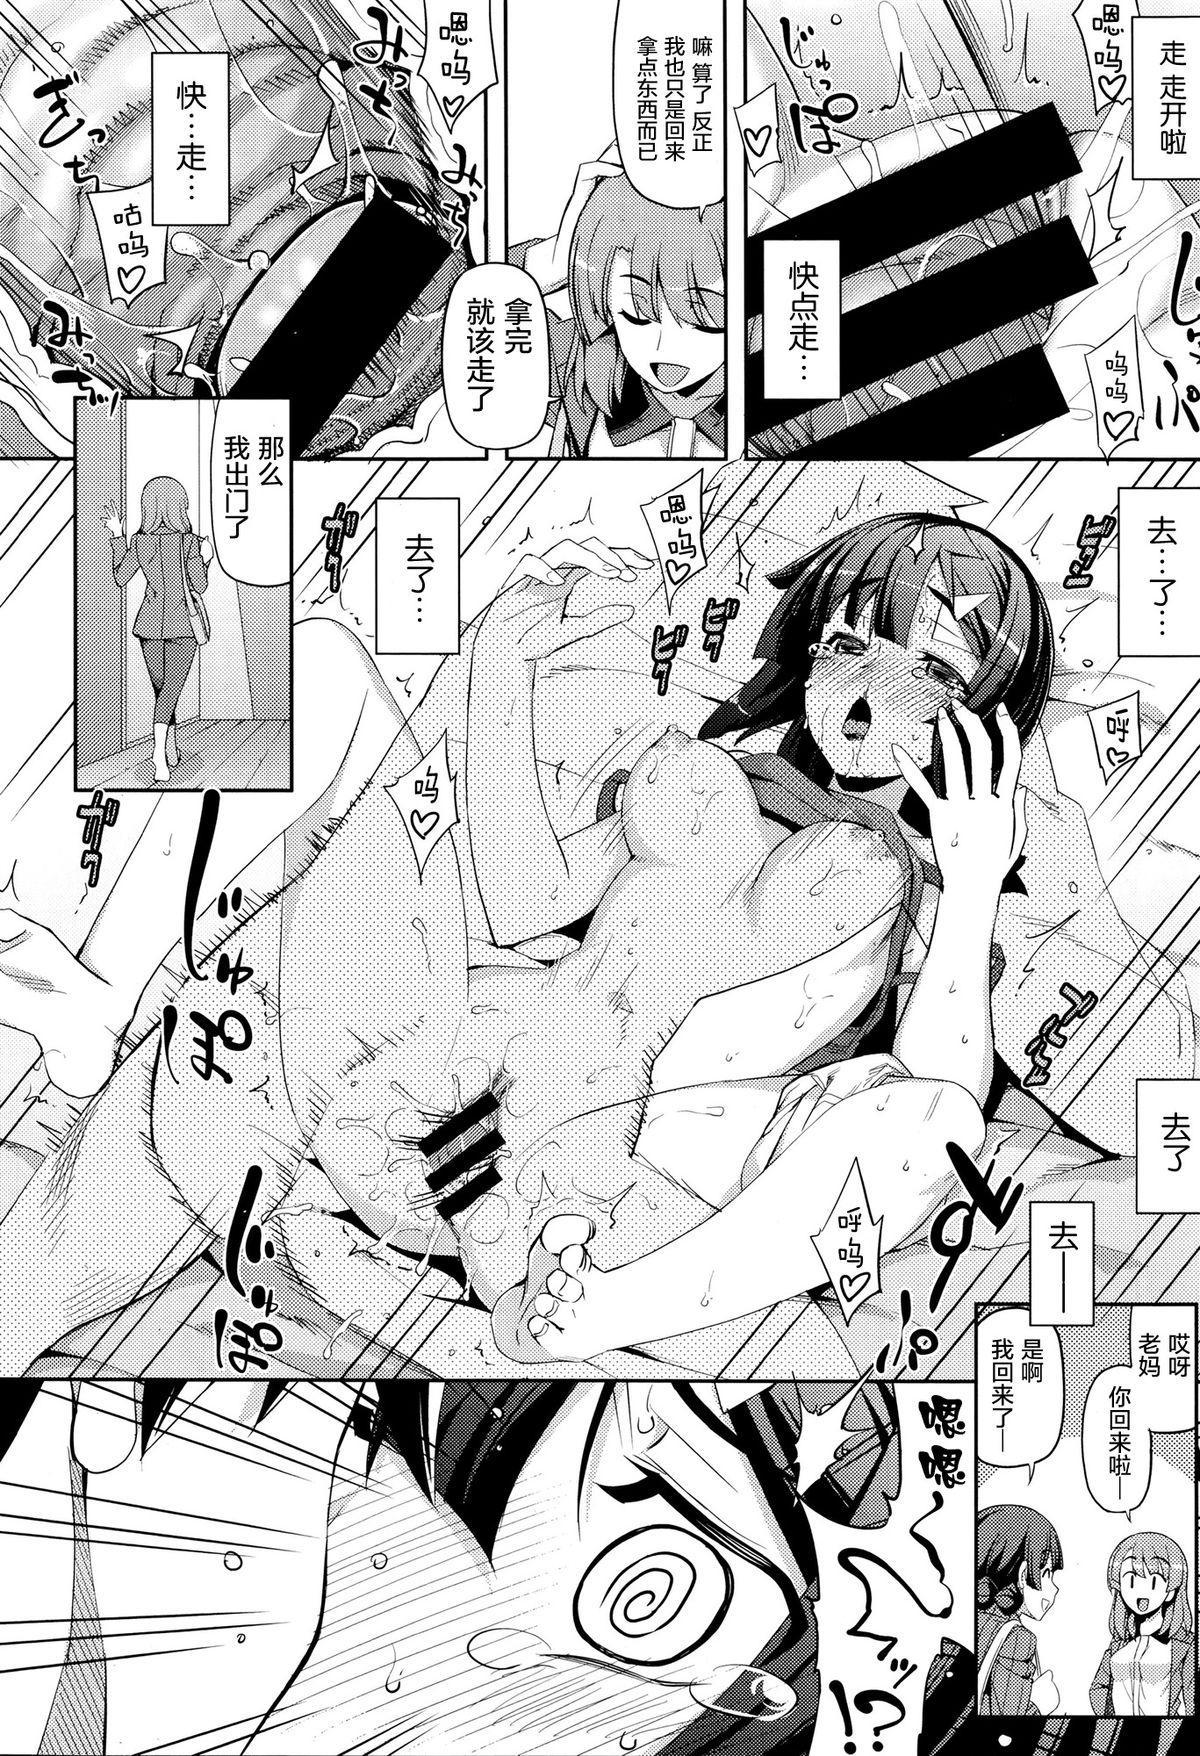 Fukutsu no Perorist 20